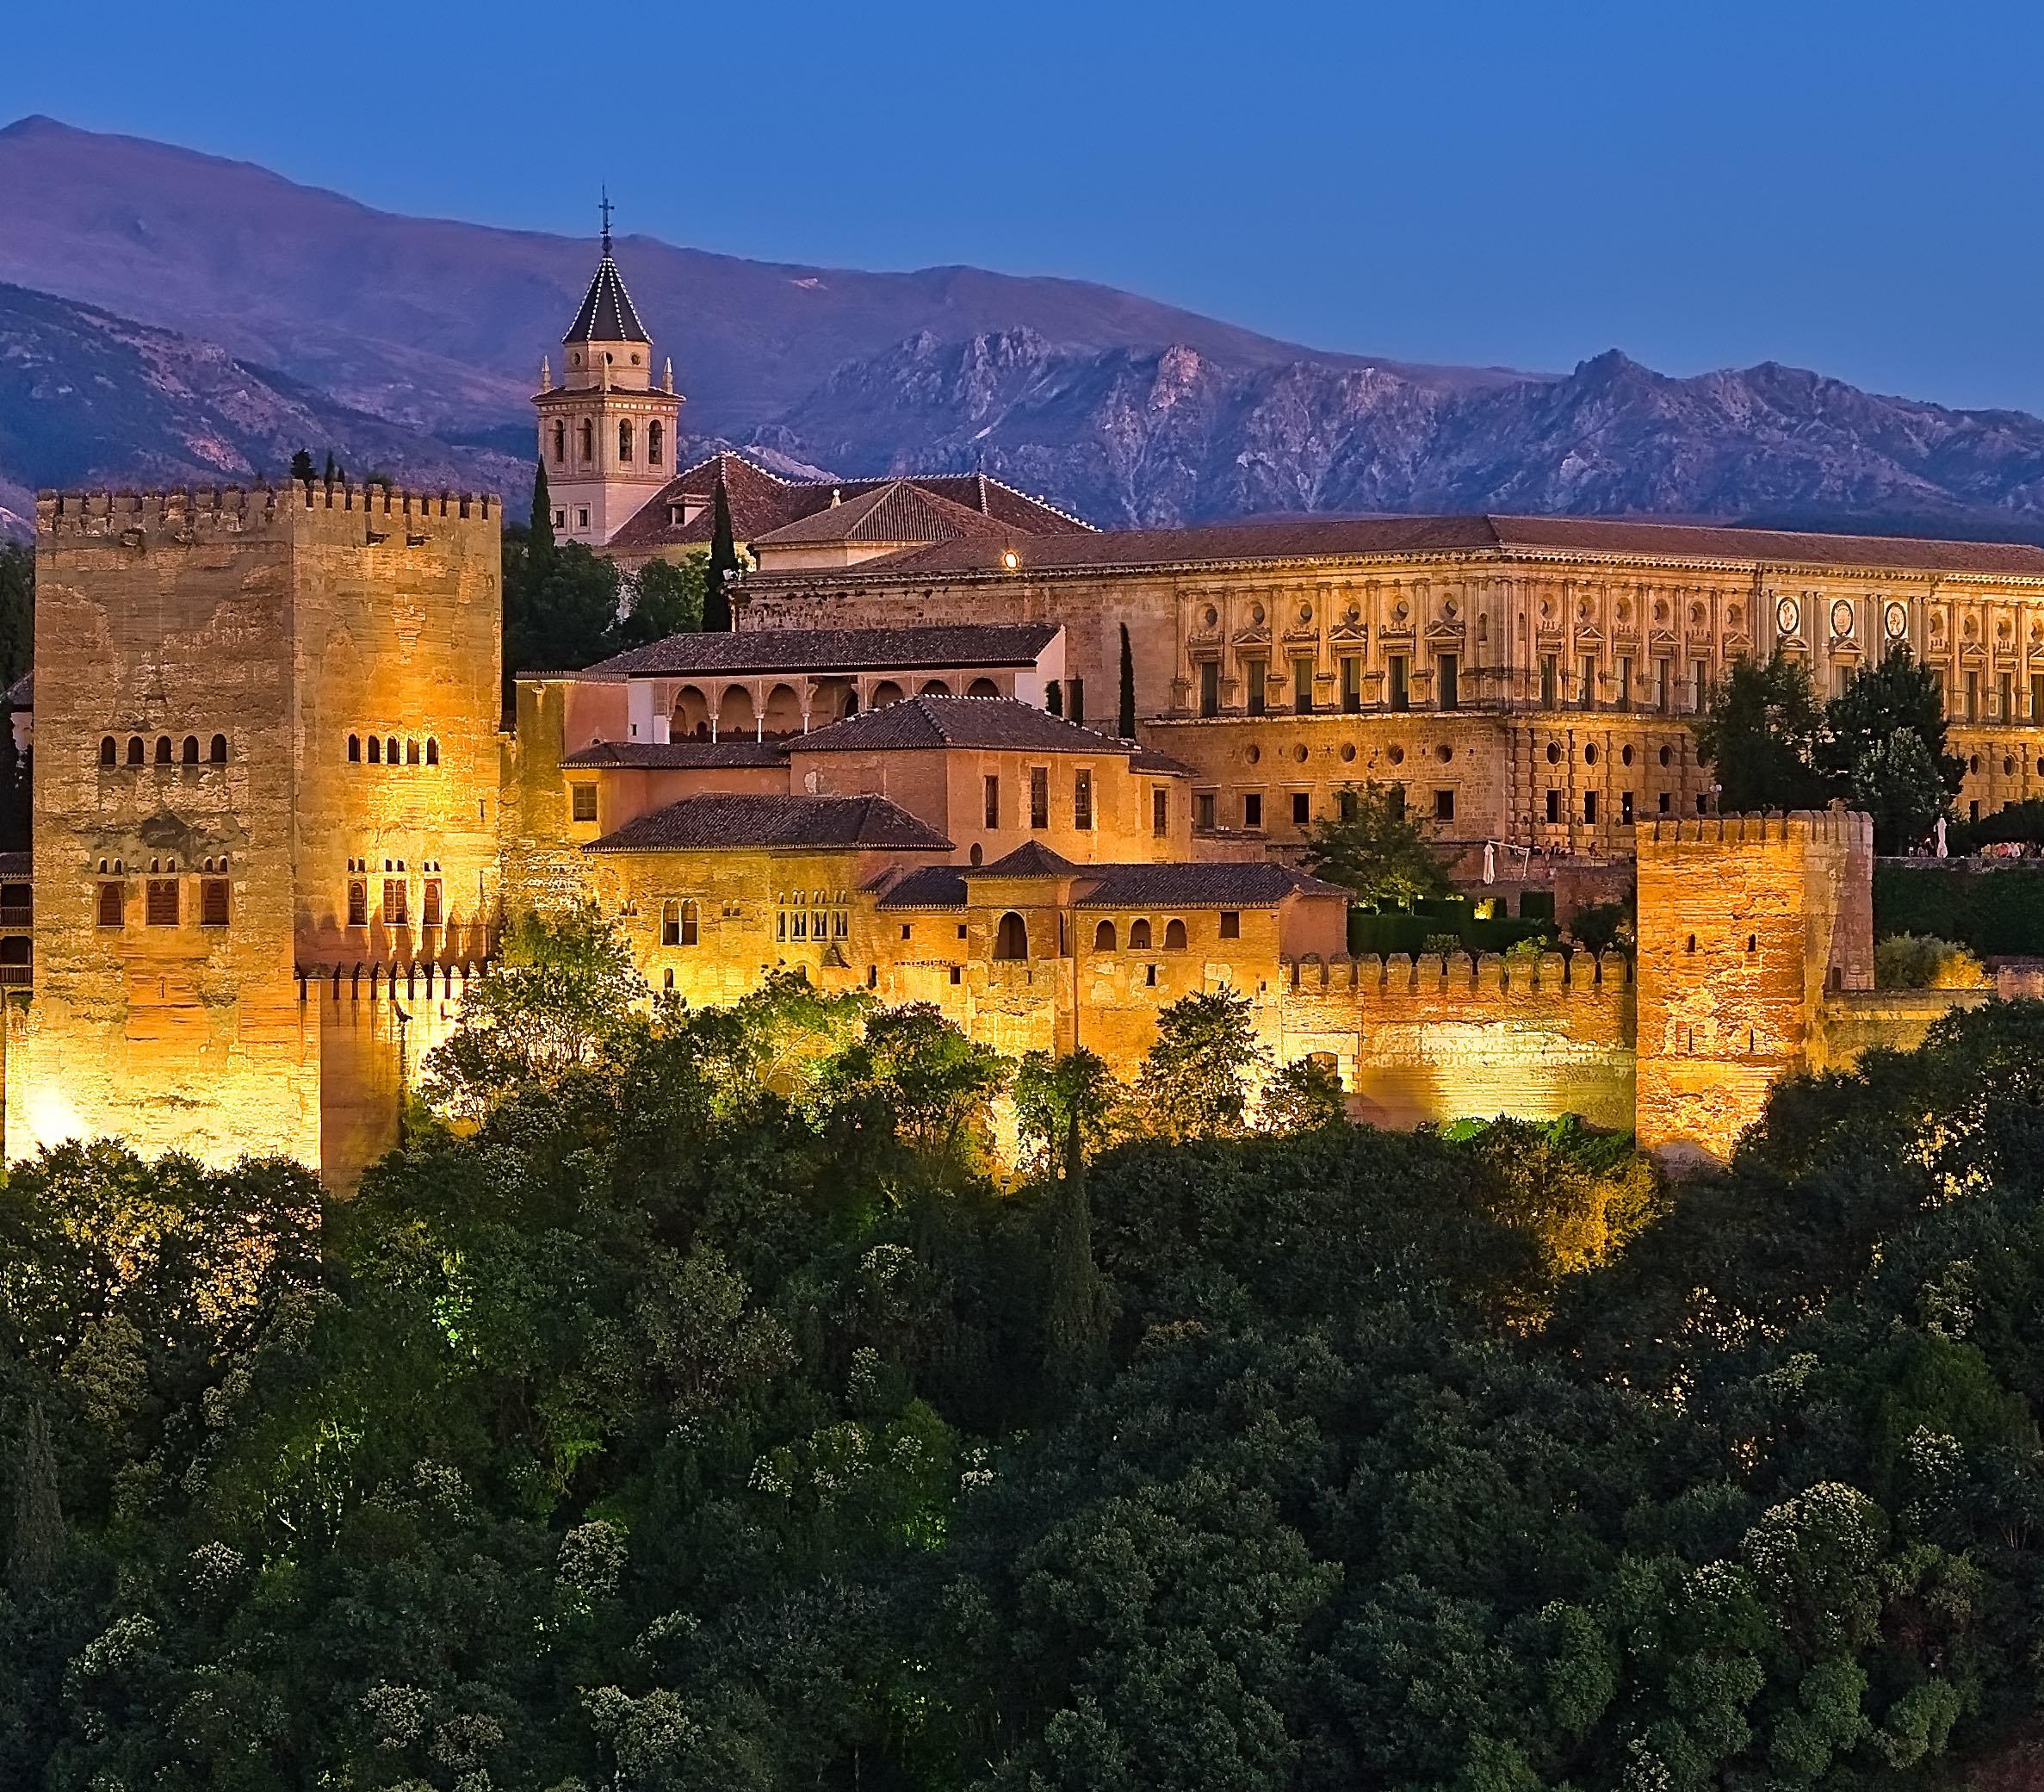 SPAIN & PORTUGAL IN CASTLES